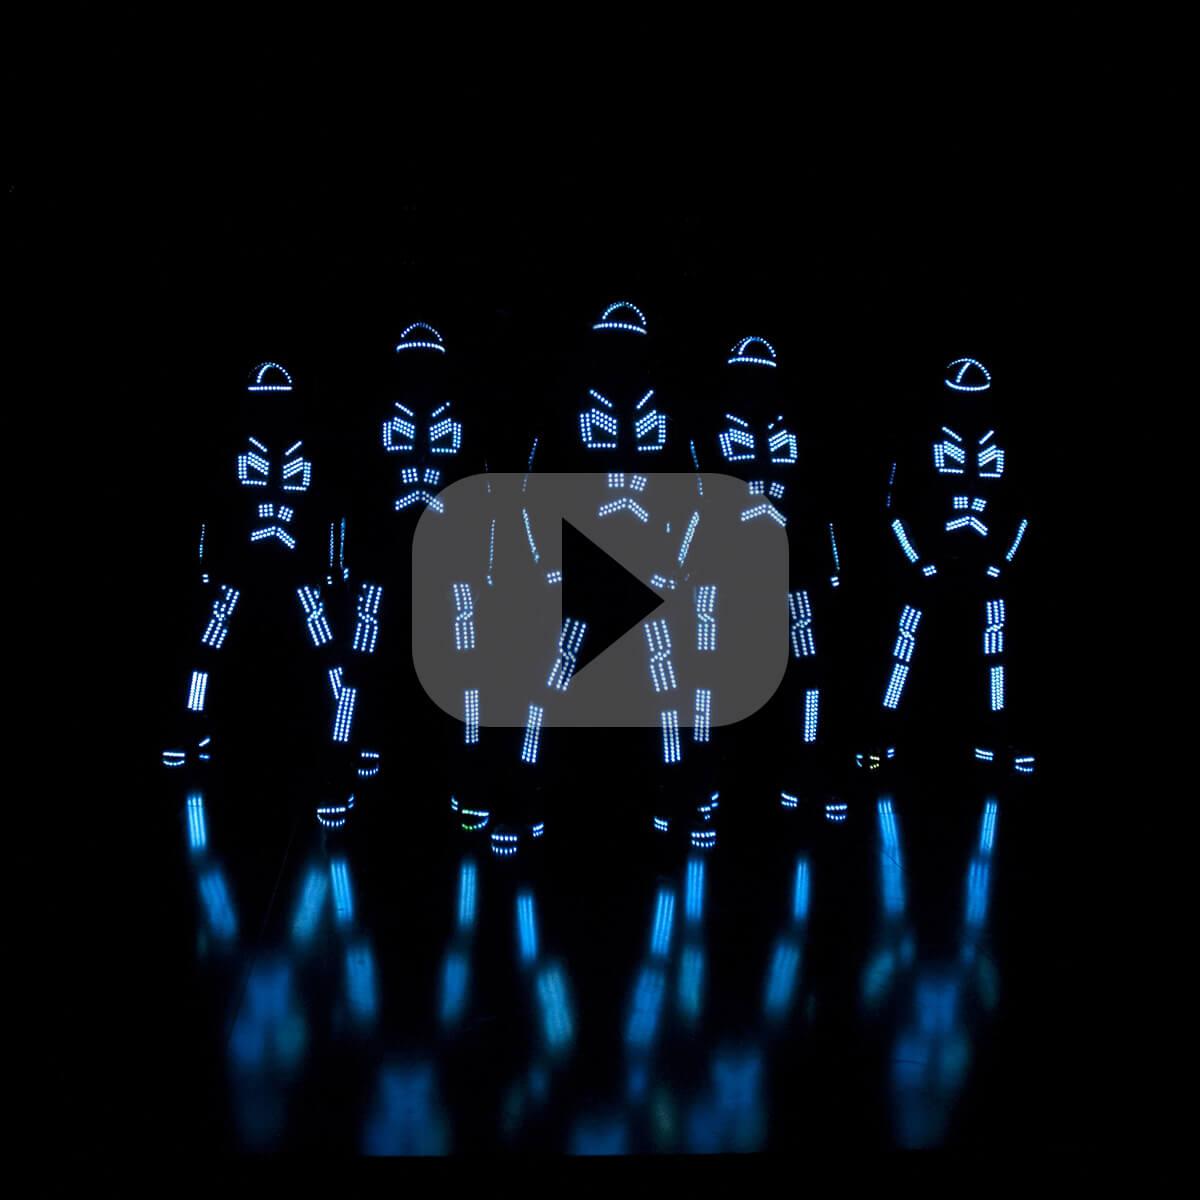 4.-Light-My-Fire